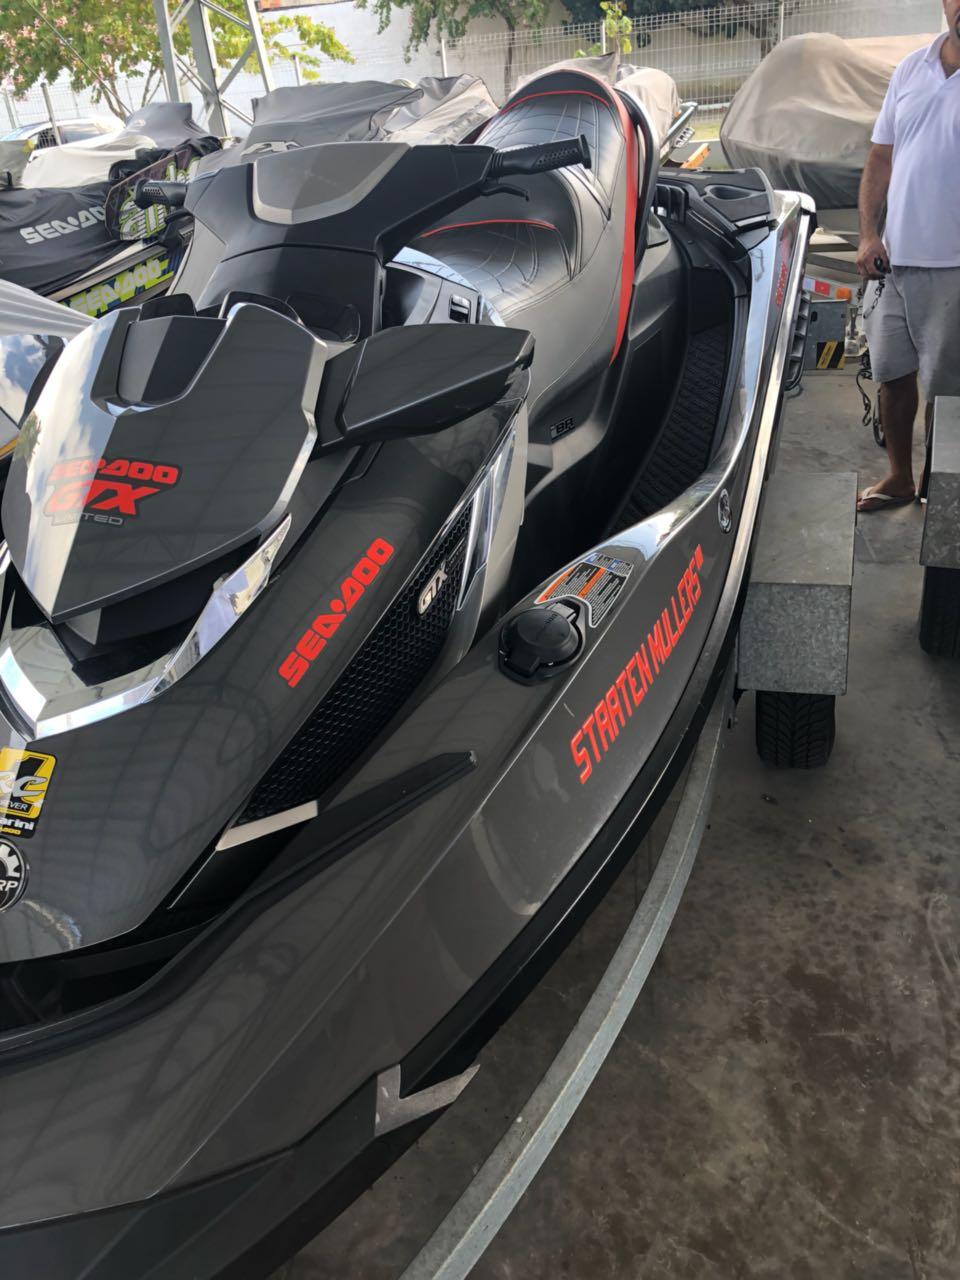 Sea Doo GTX Limited is 260